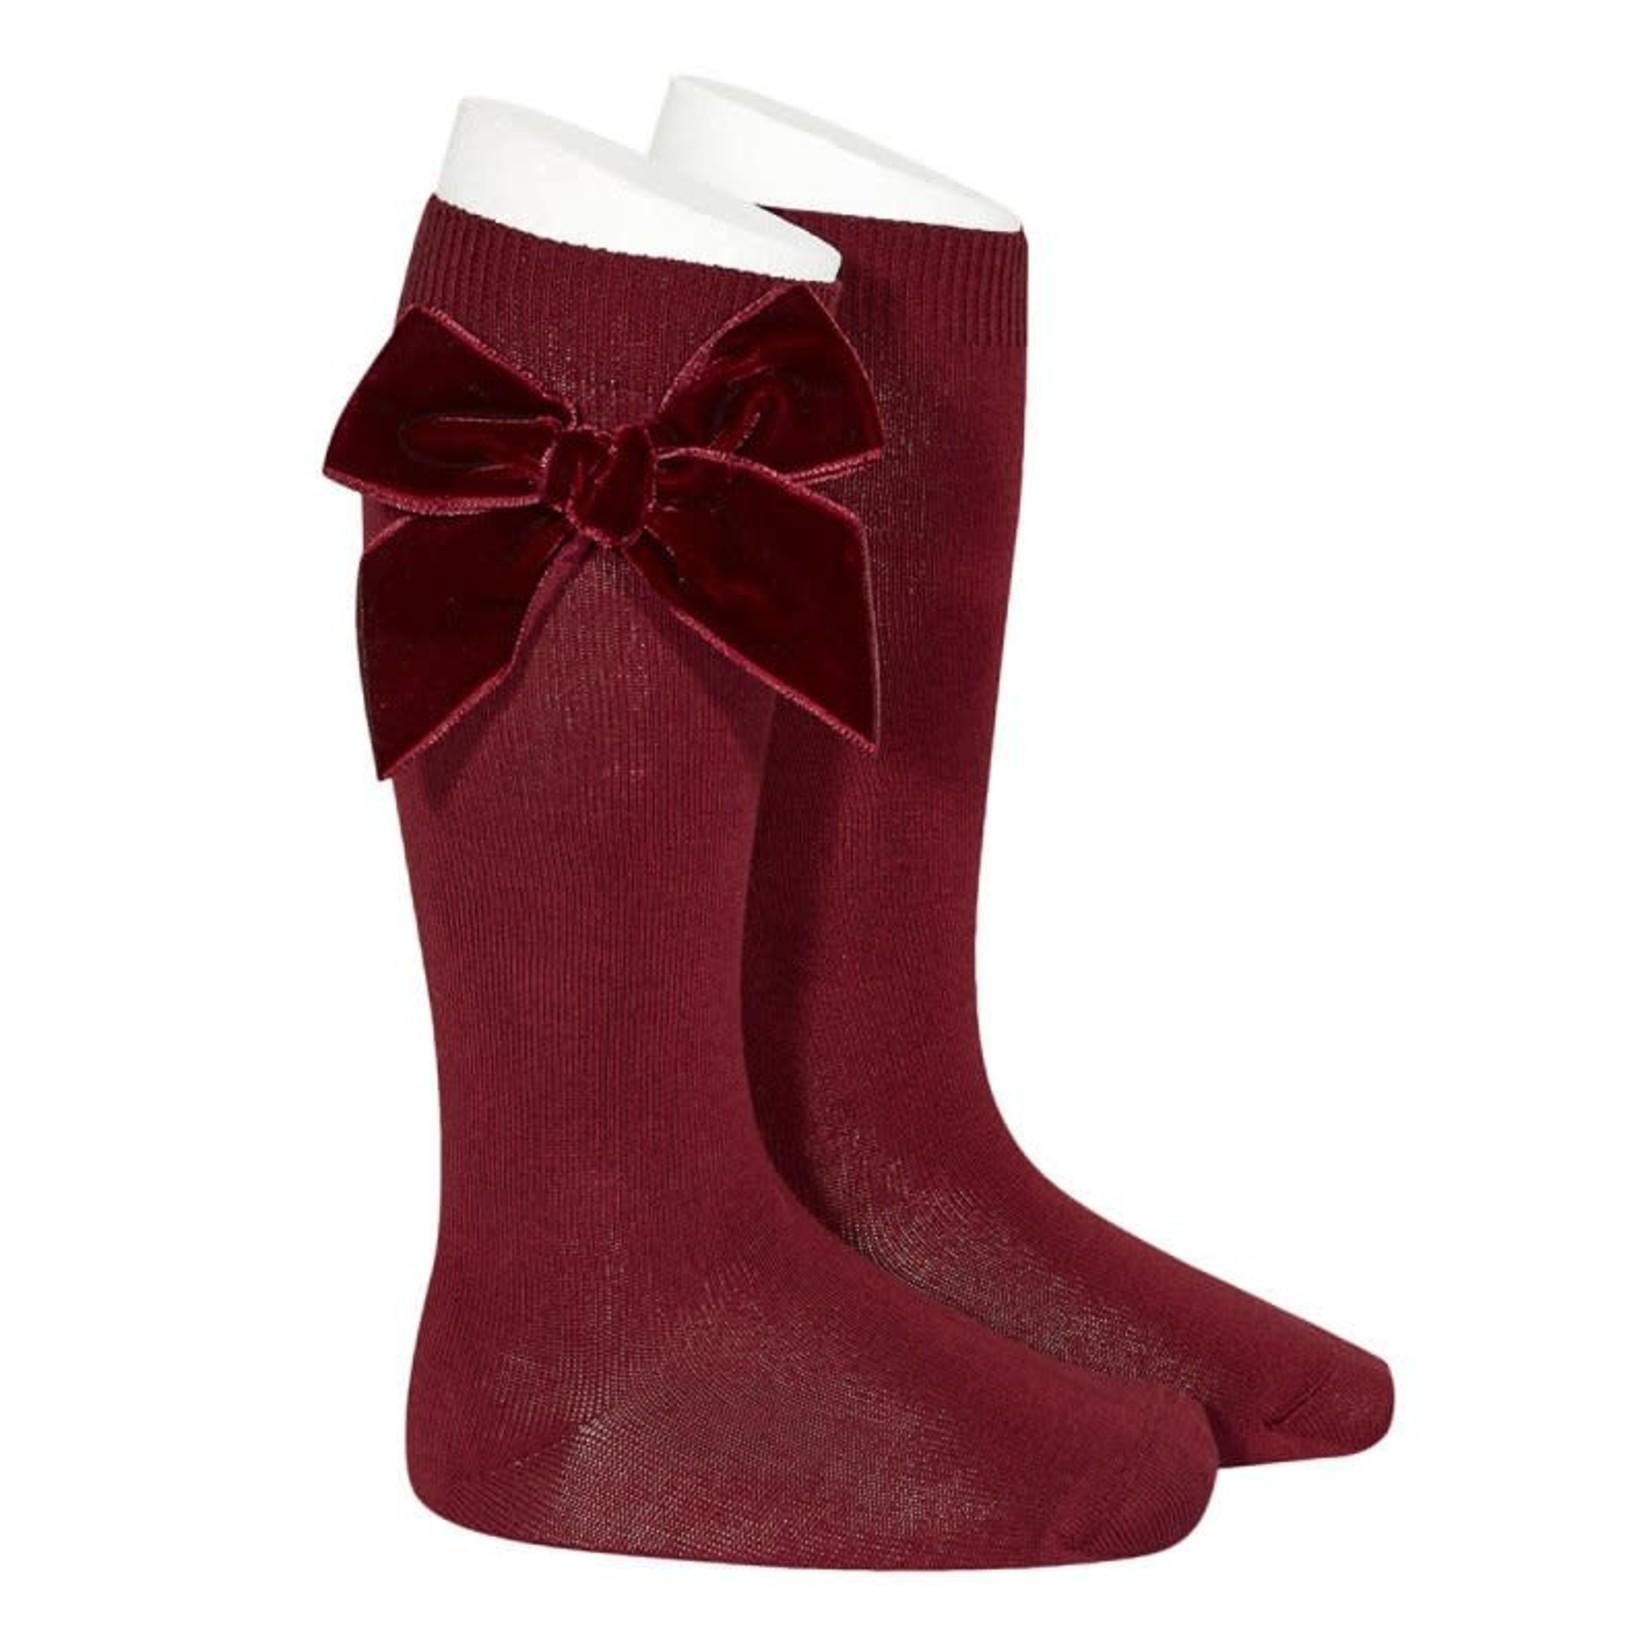 Condor Velvet Socks Knee High - Burgundy